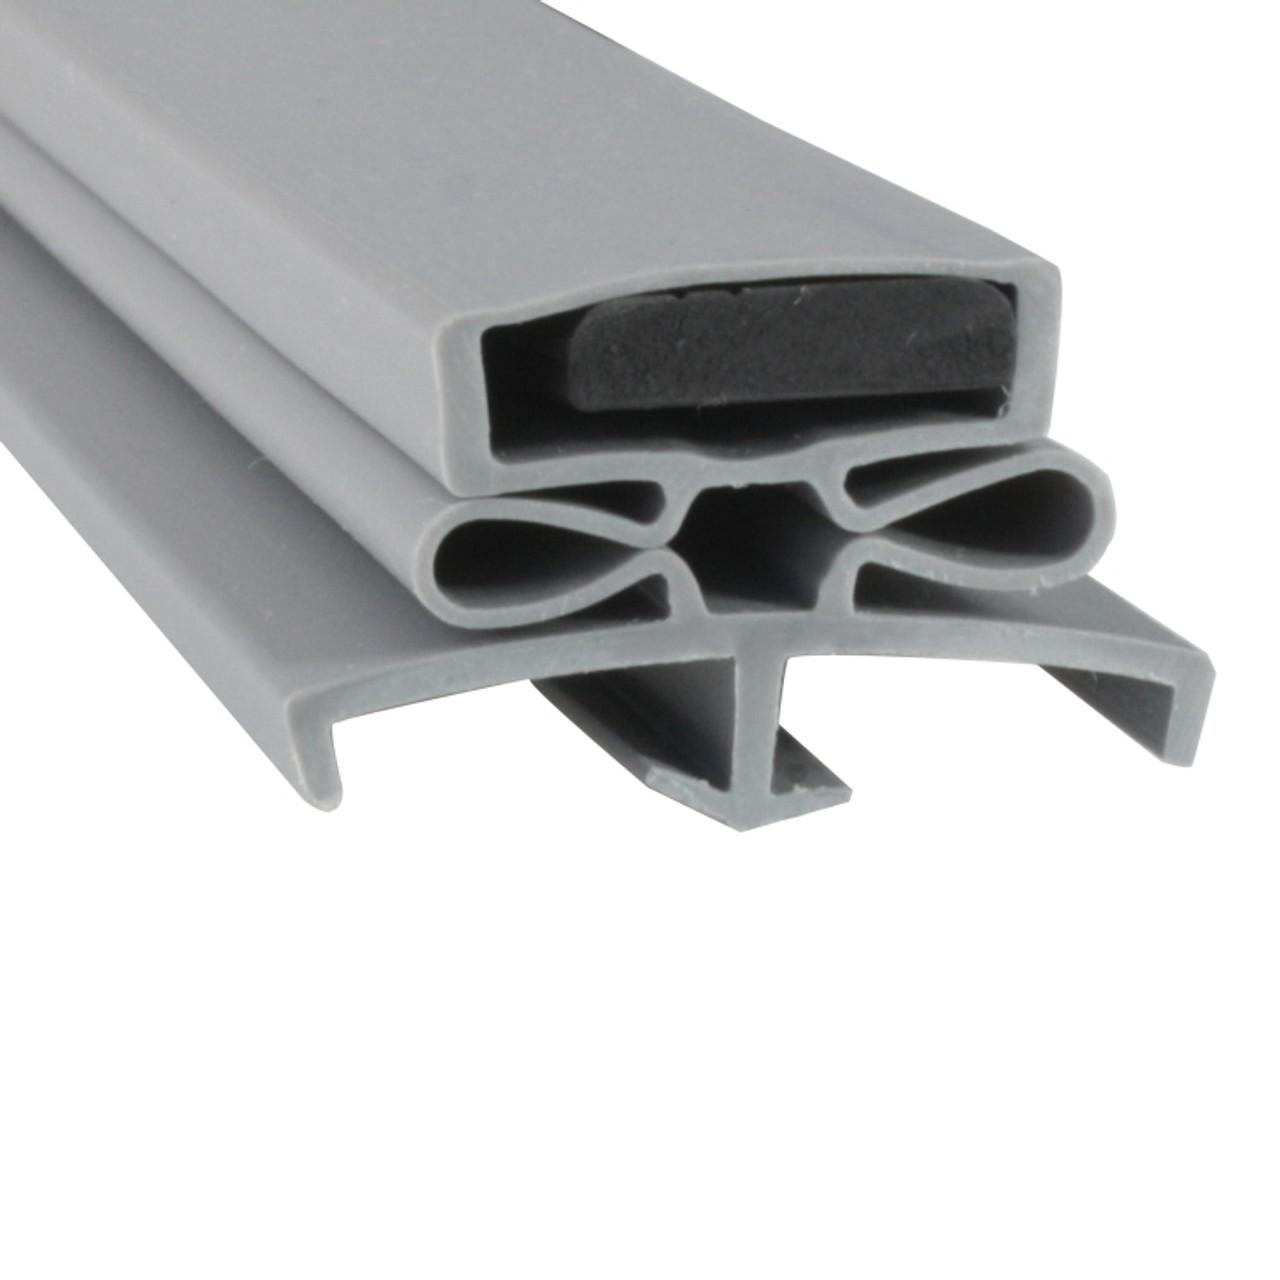 Glenco Door Gasket Profile 166 15 1/8 x 26 5/8 -1